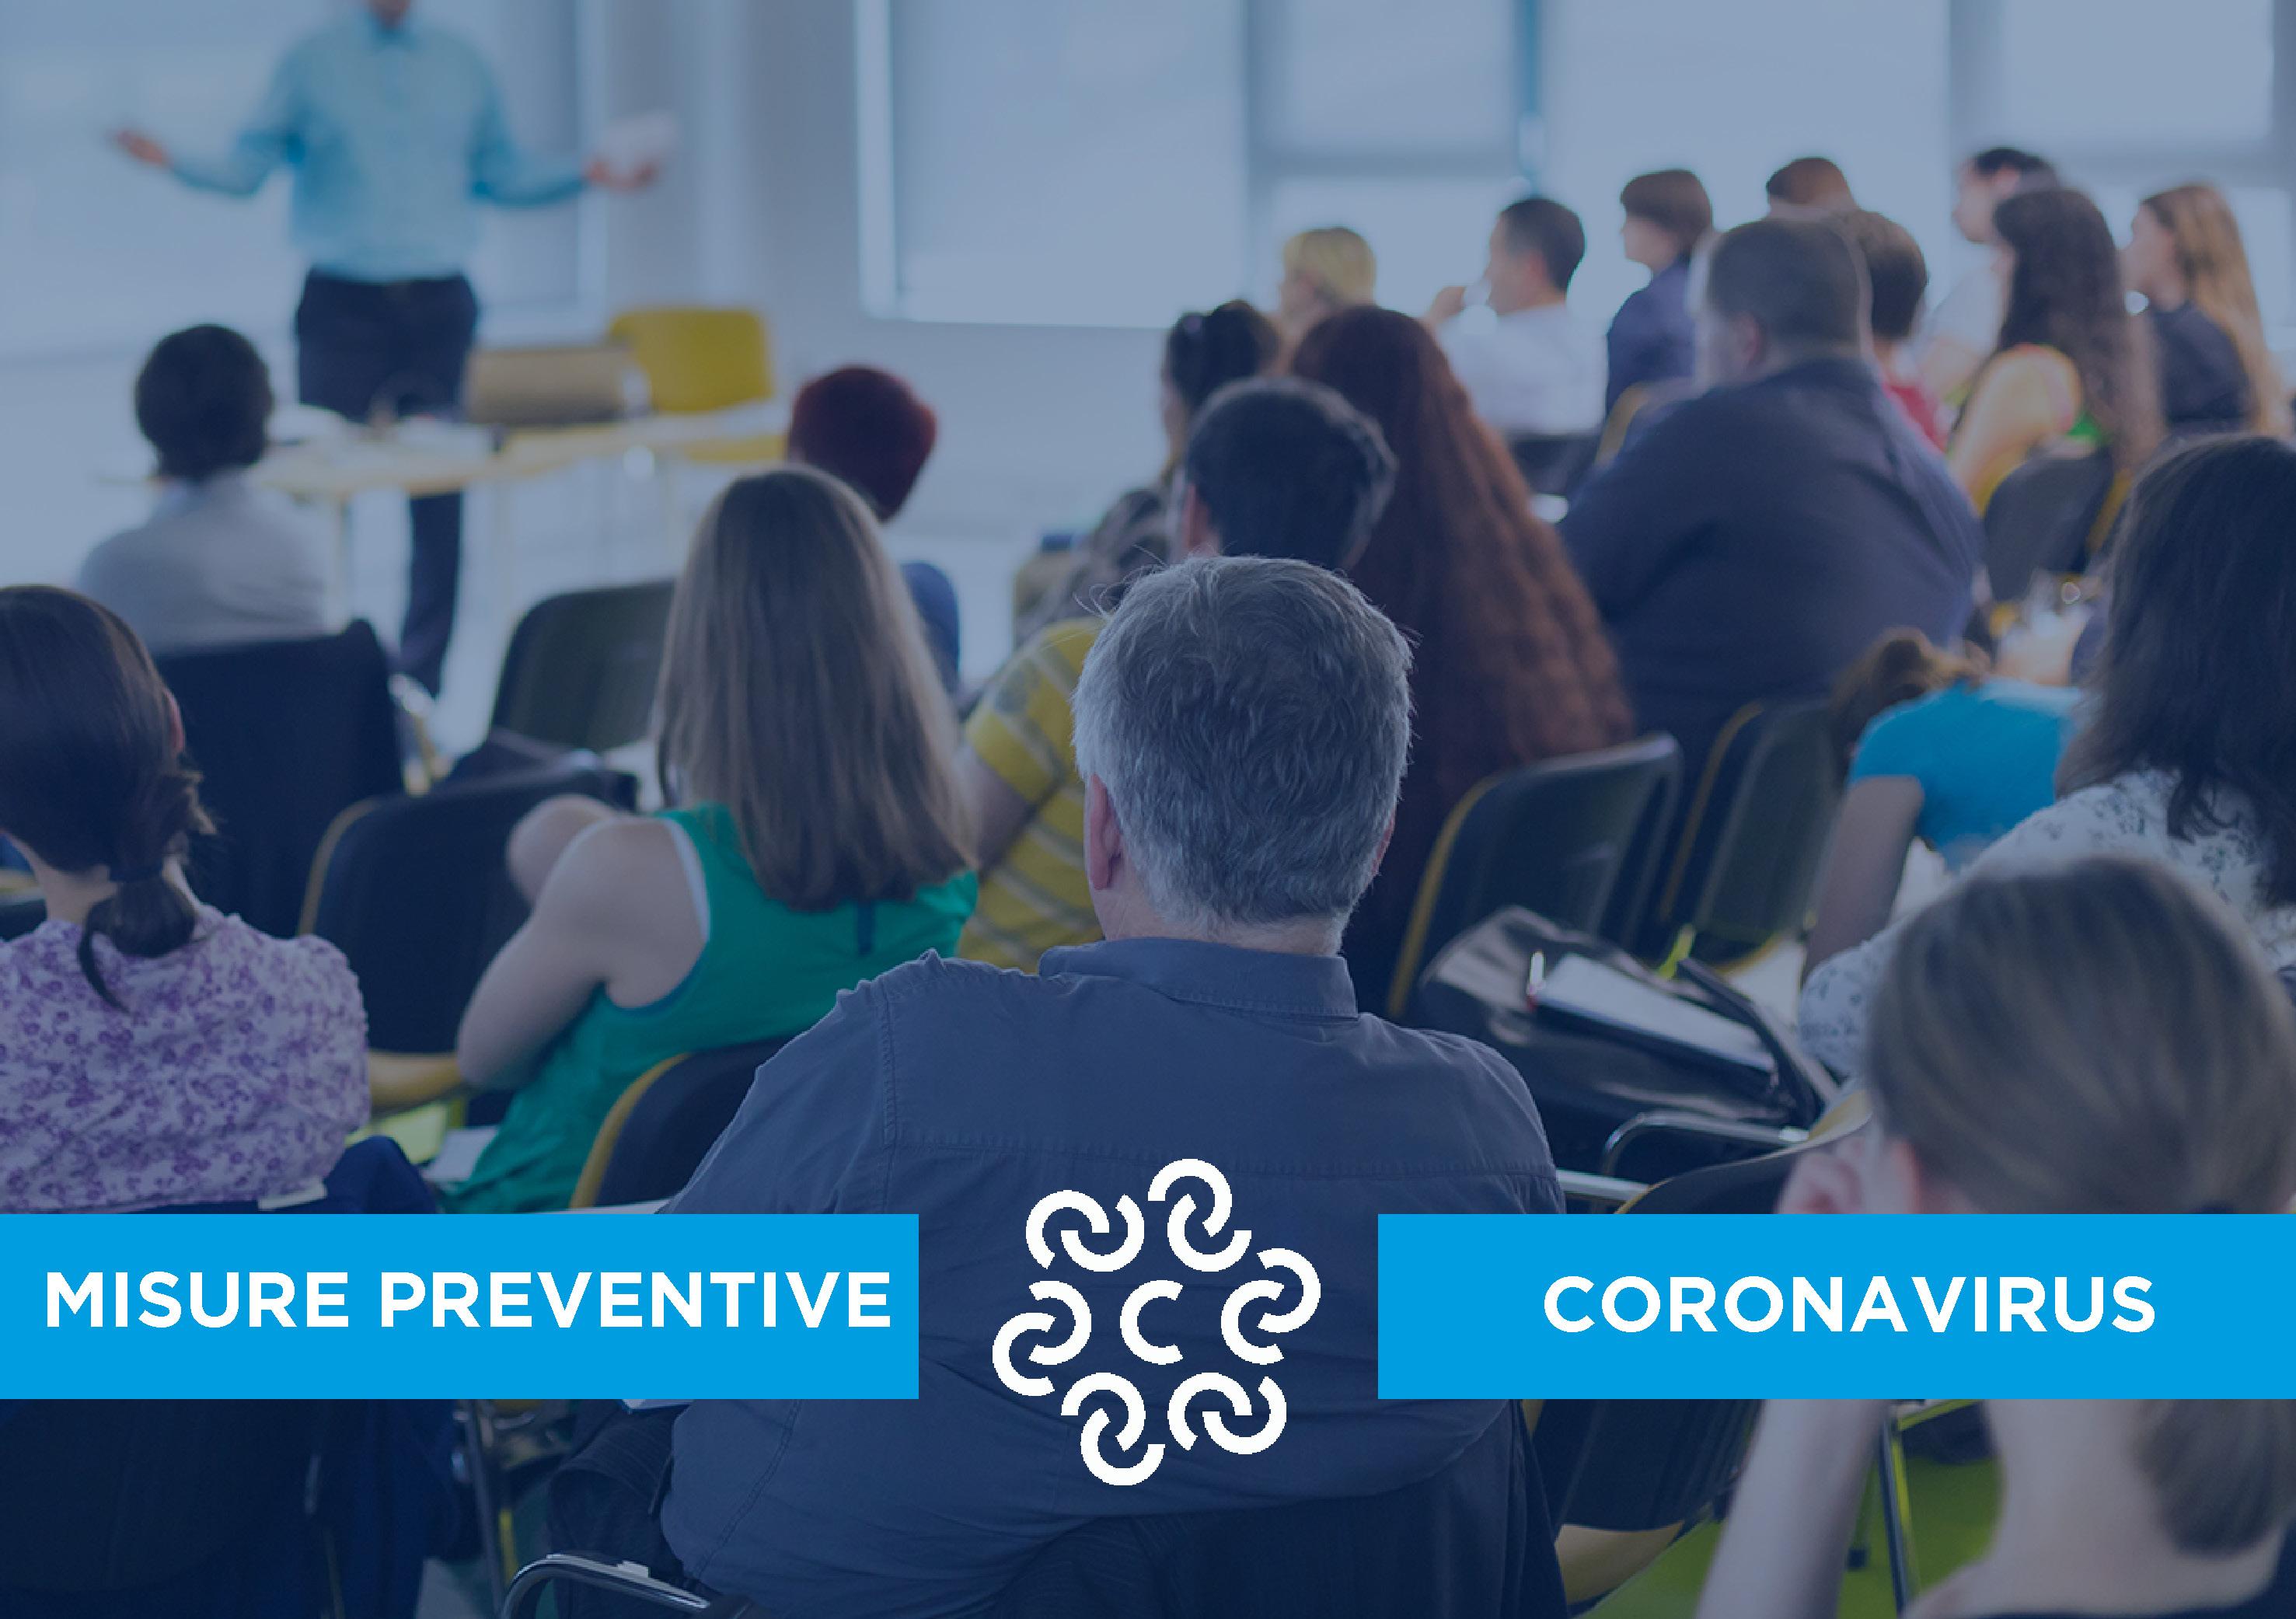 Misure preventive adottate dall''Ente camerale in relazione al Coronavirus